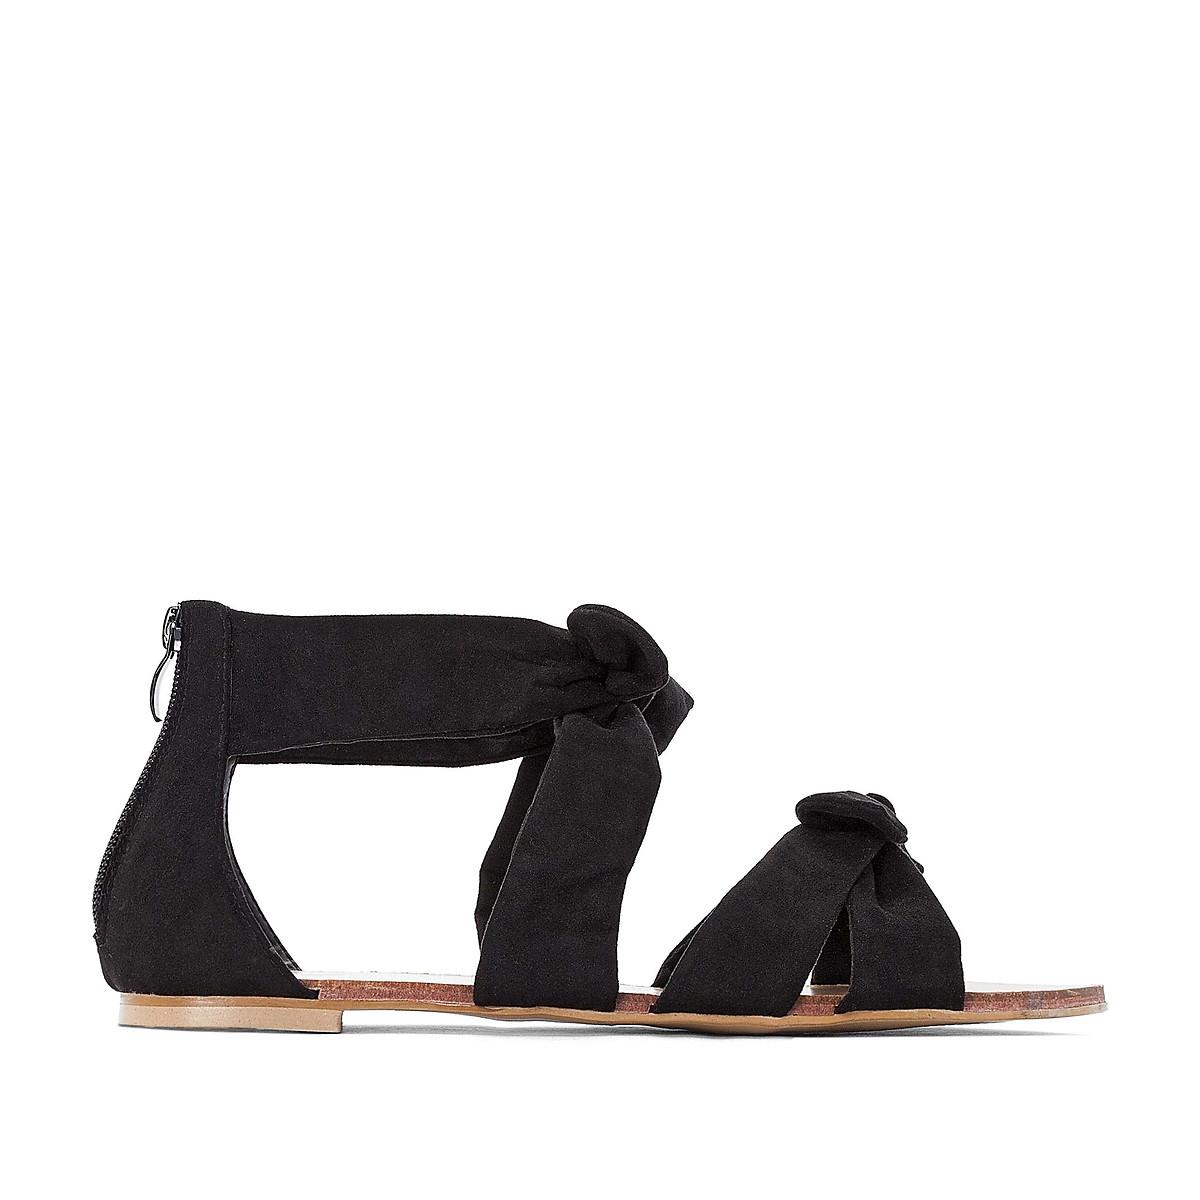 Босоножки LaRedoute На плоском каблуке для широкой стопы размеры 38-45 38 черный балетки laredoute на плоском каблуке для широкой стопы 38 45 43 бежевый